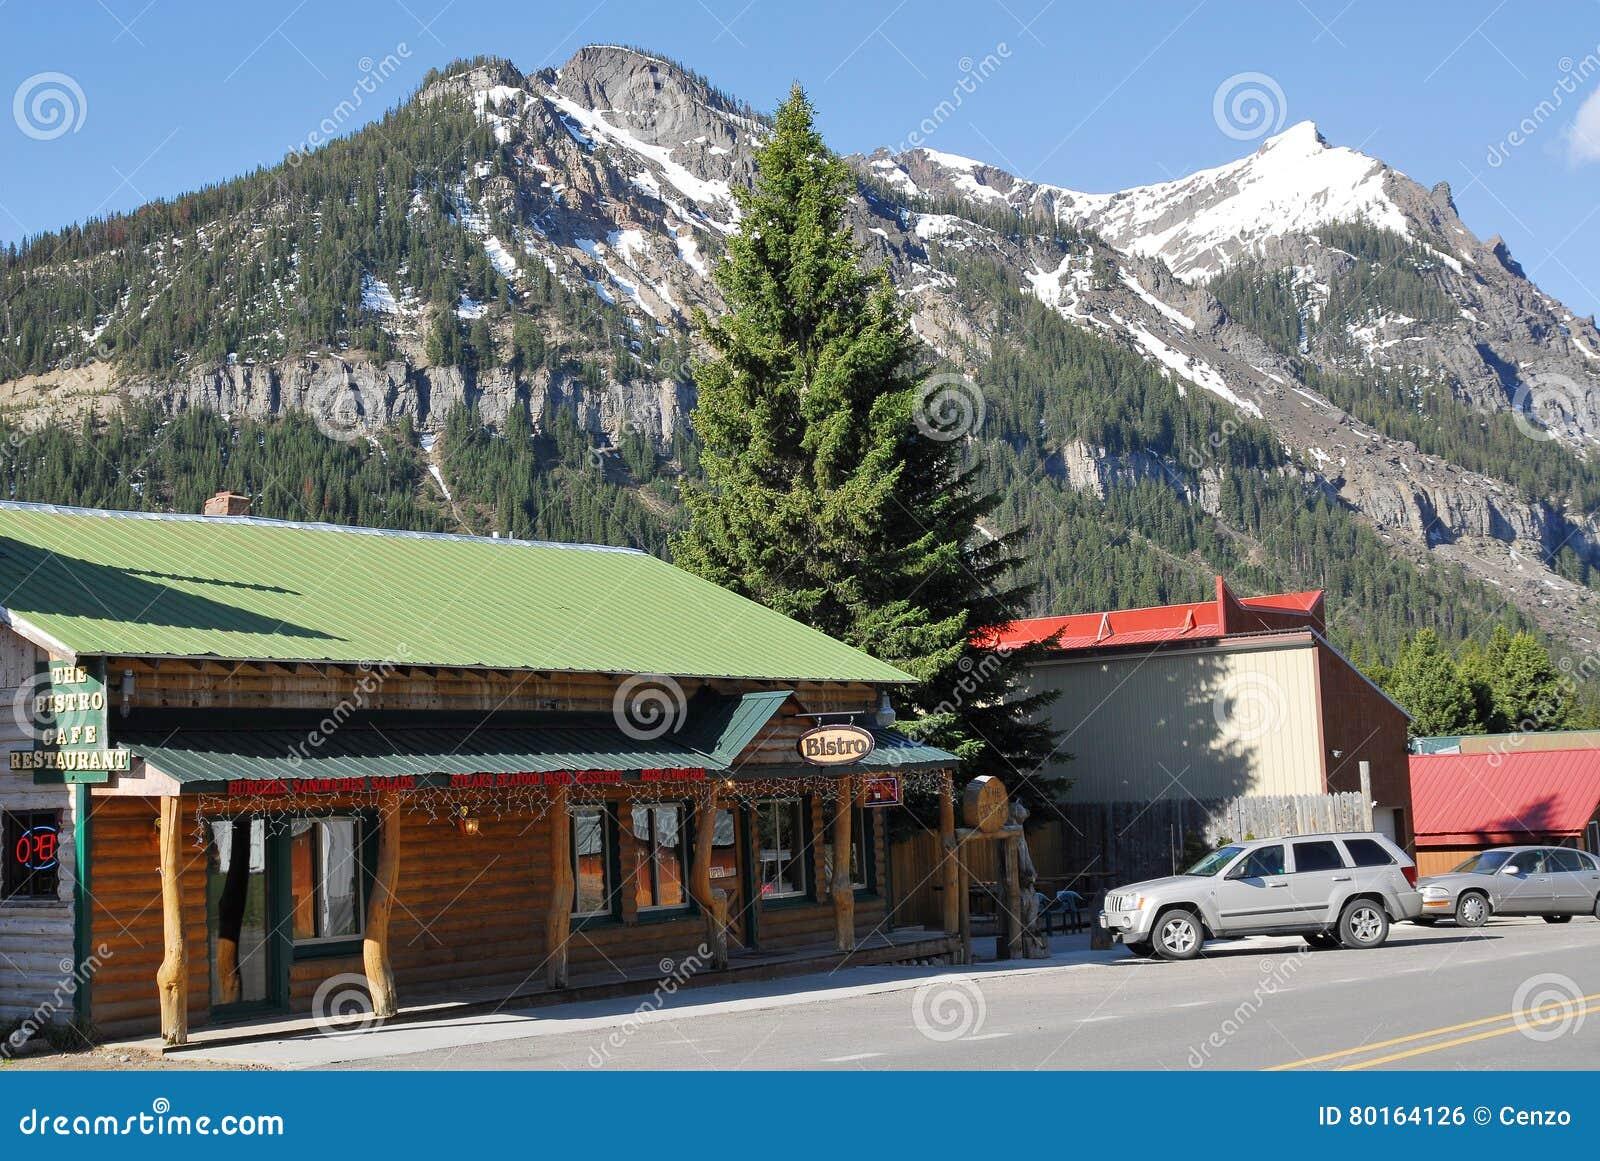 Rua através do cozinheiro City, parque nacional de Yellowstone, Montana